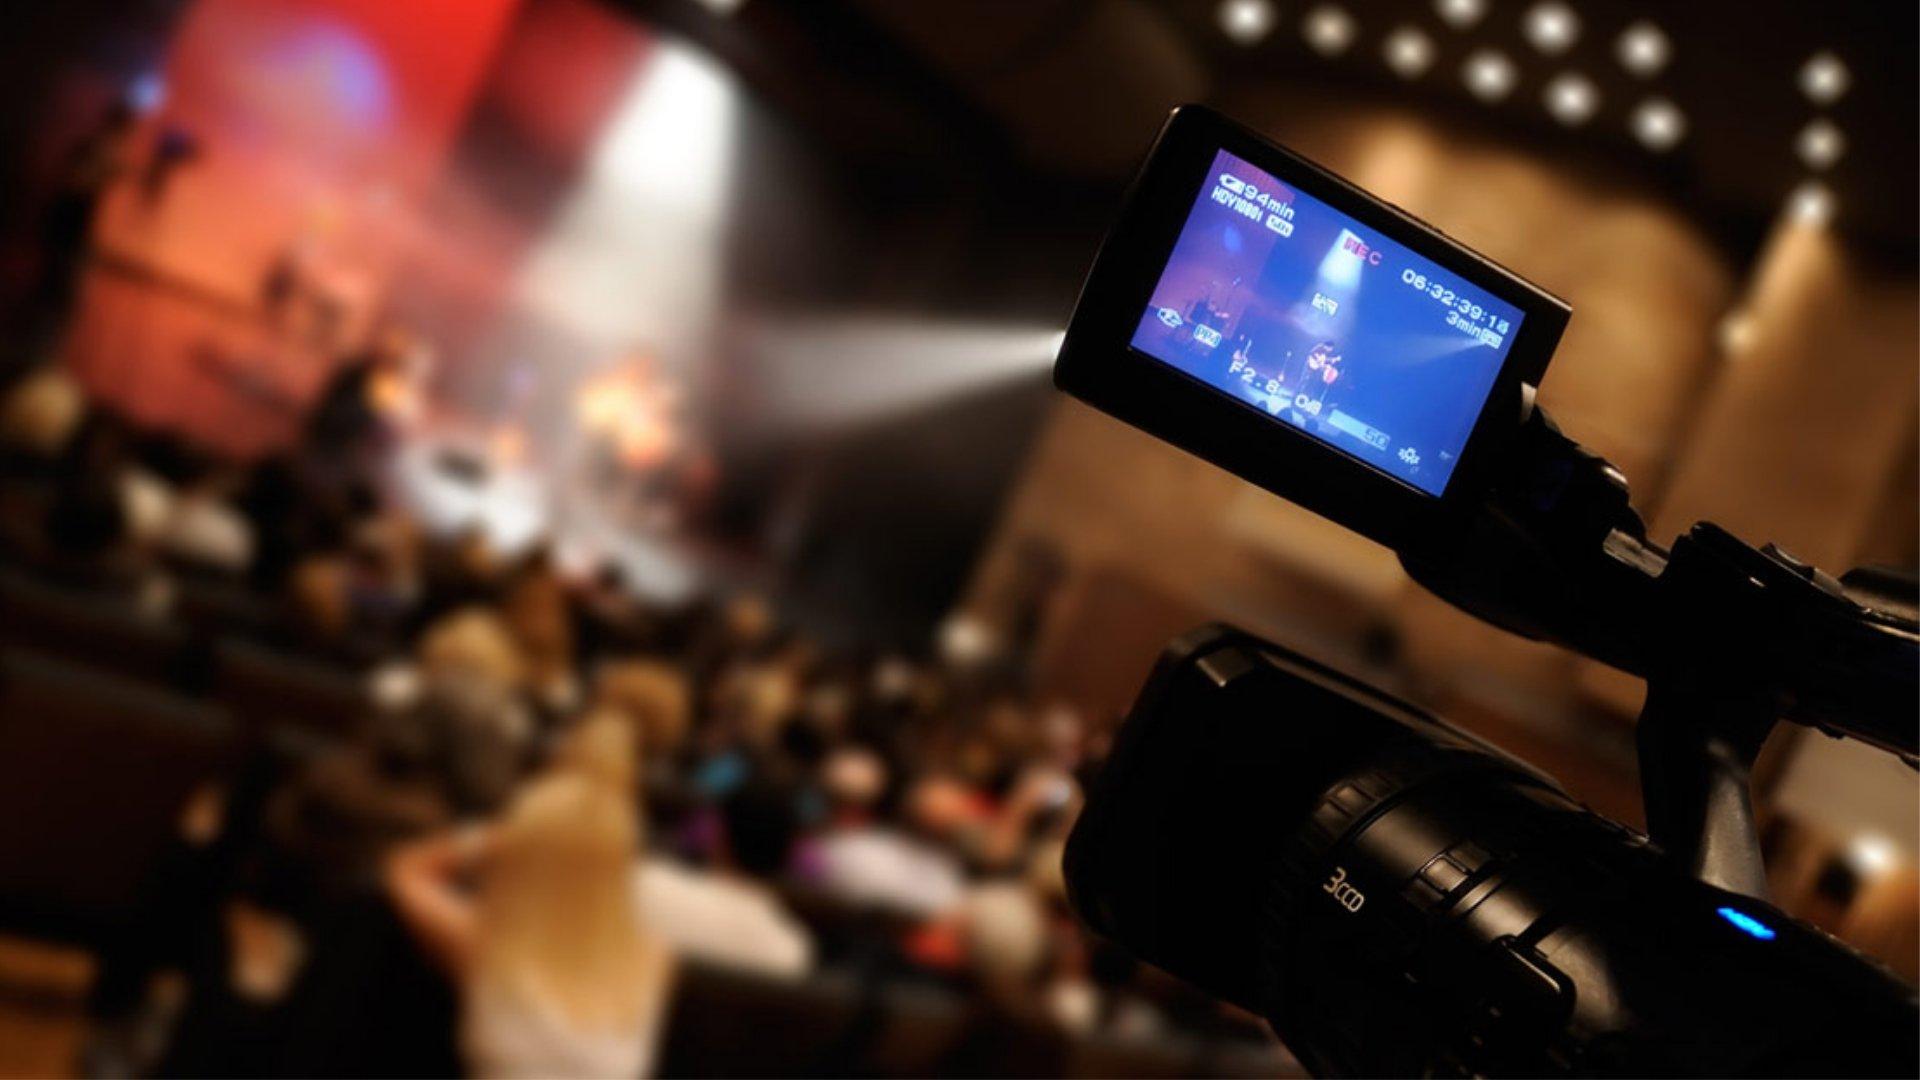 streaming-:-huit-internautes-sur-dix-ont-achete-un-service-ou-un-produit-apres-avoir-regarde-sa-video-en-ligne.-optez-pour-un-live-professionnel-!